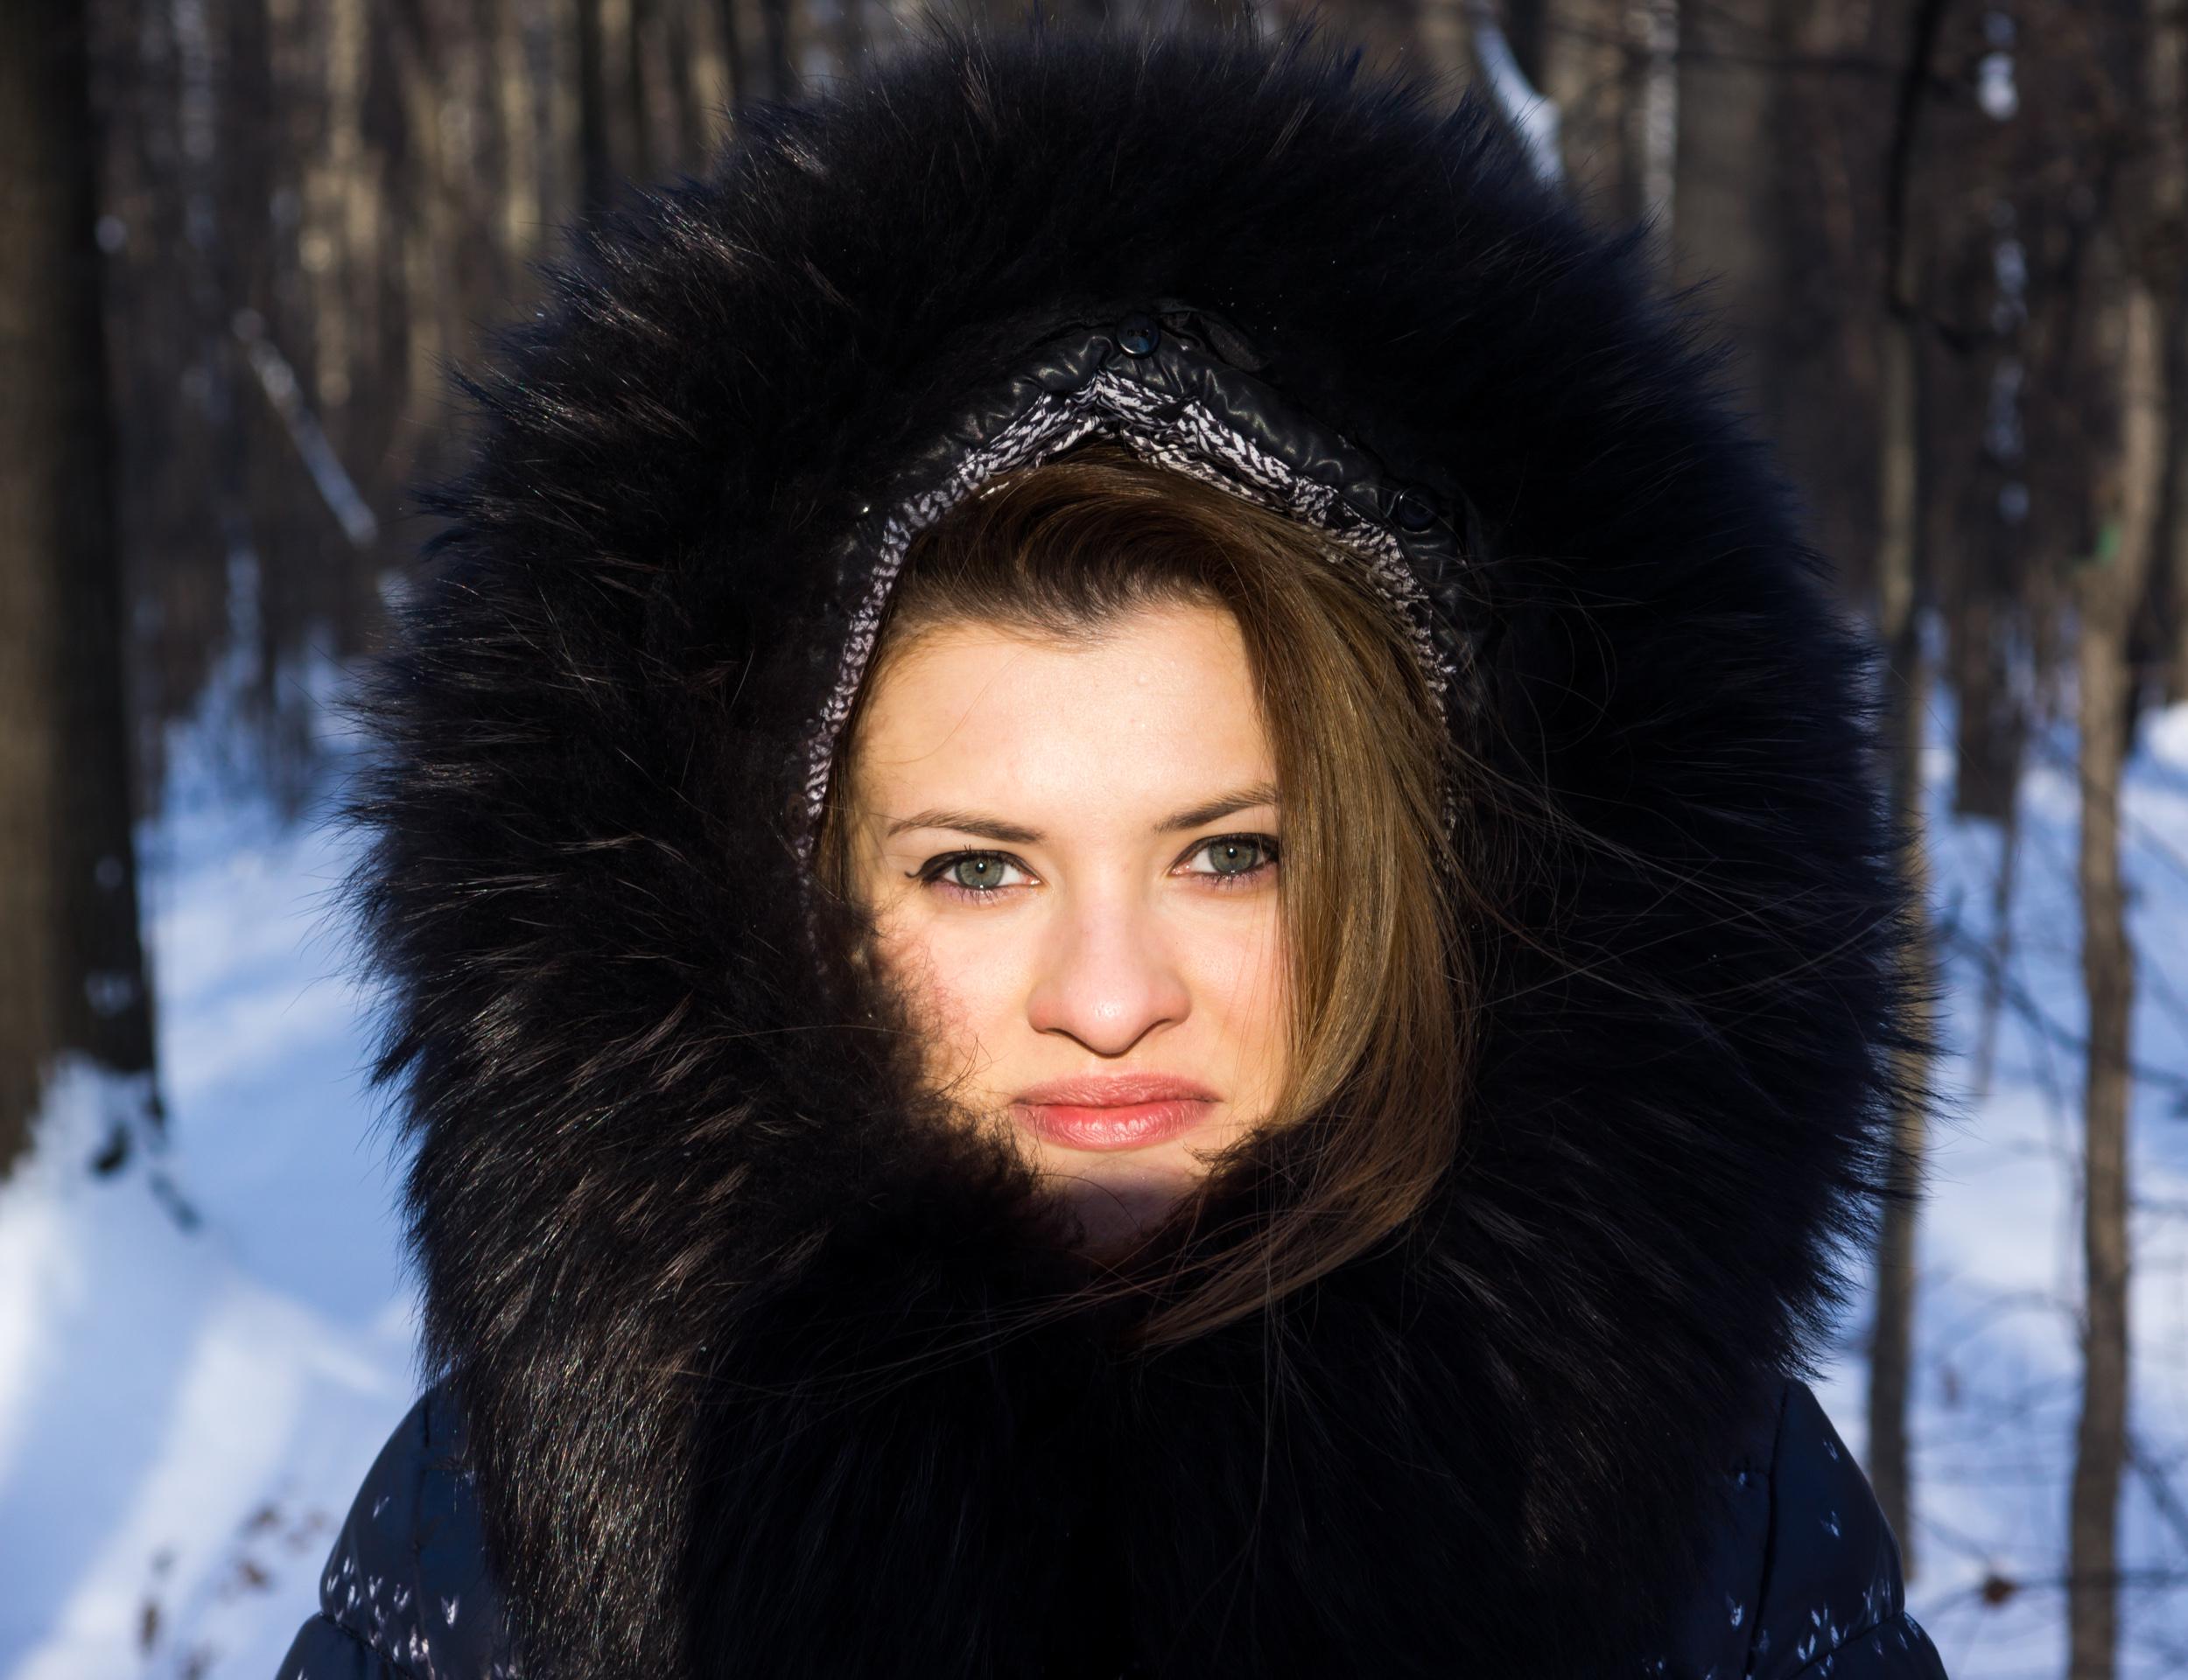 значения, как правильно фотографировать снег зрителя телеведущая ассоциировалась